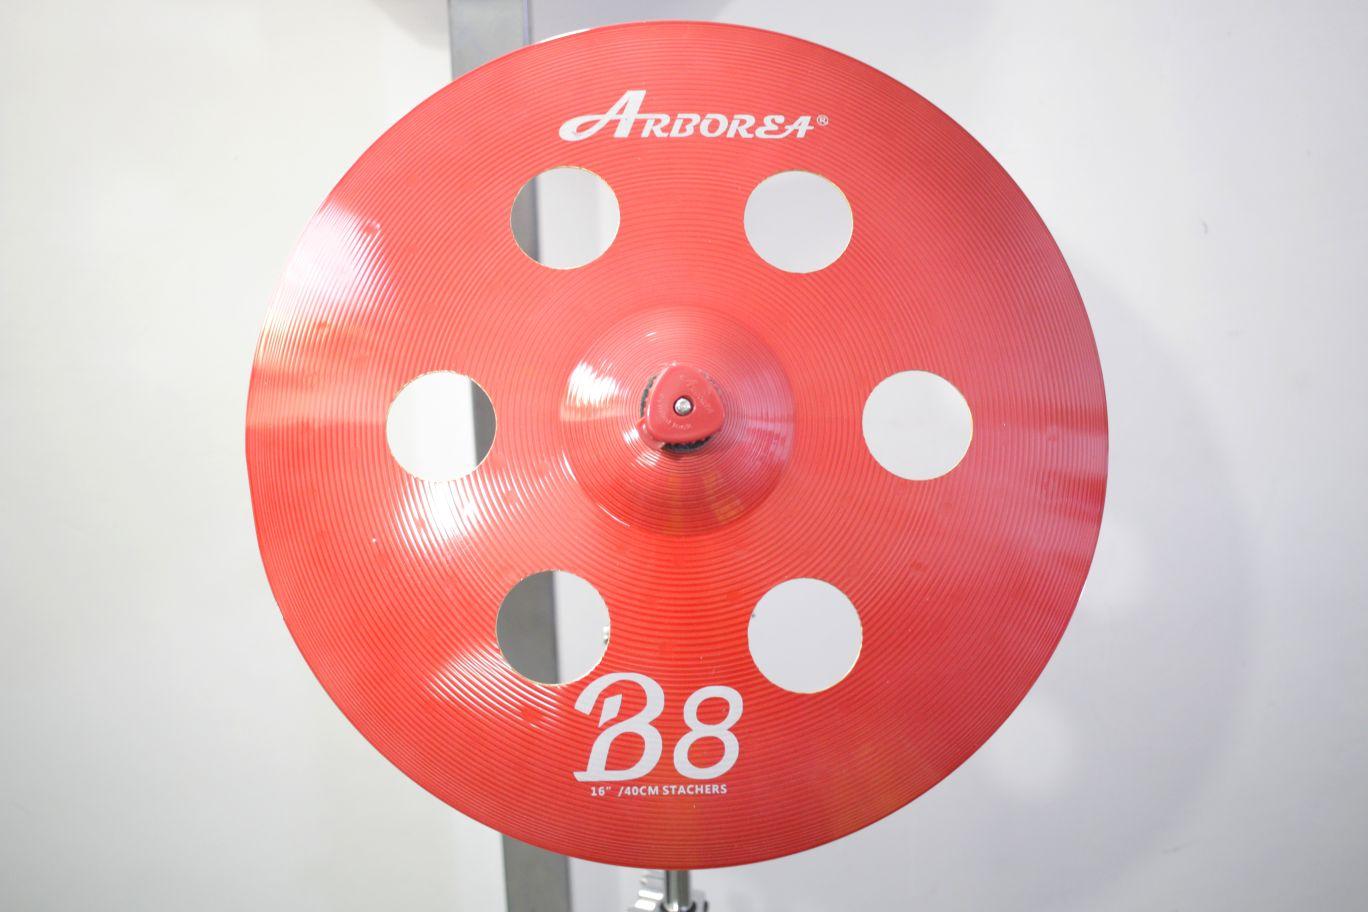 CRASH 16 OZONE B8 RED ARBOREA